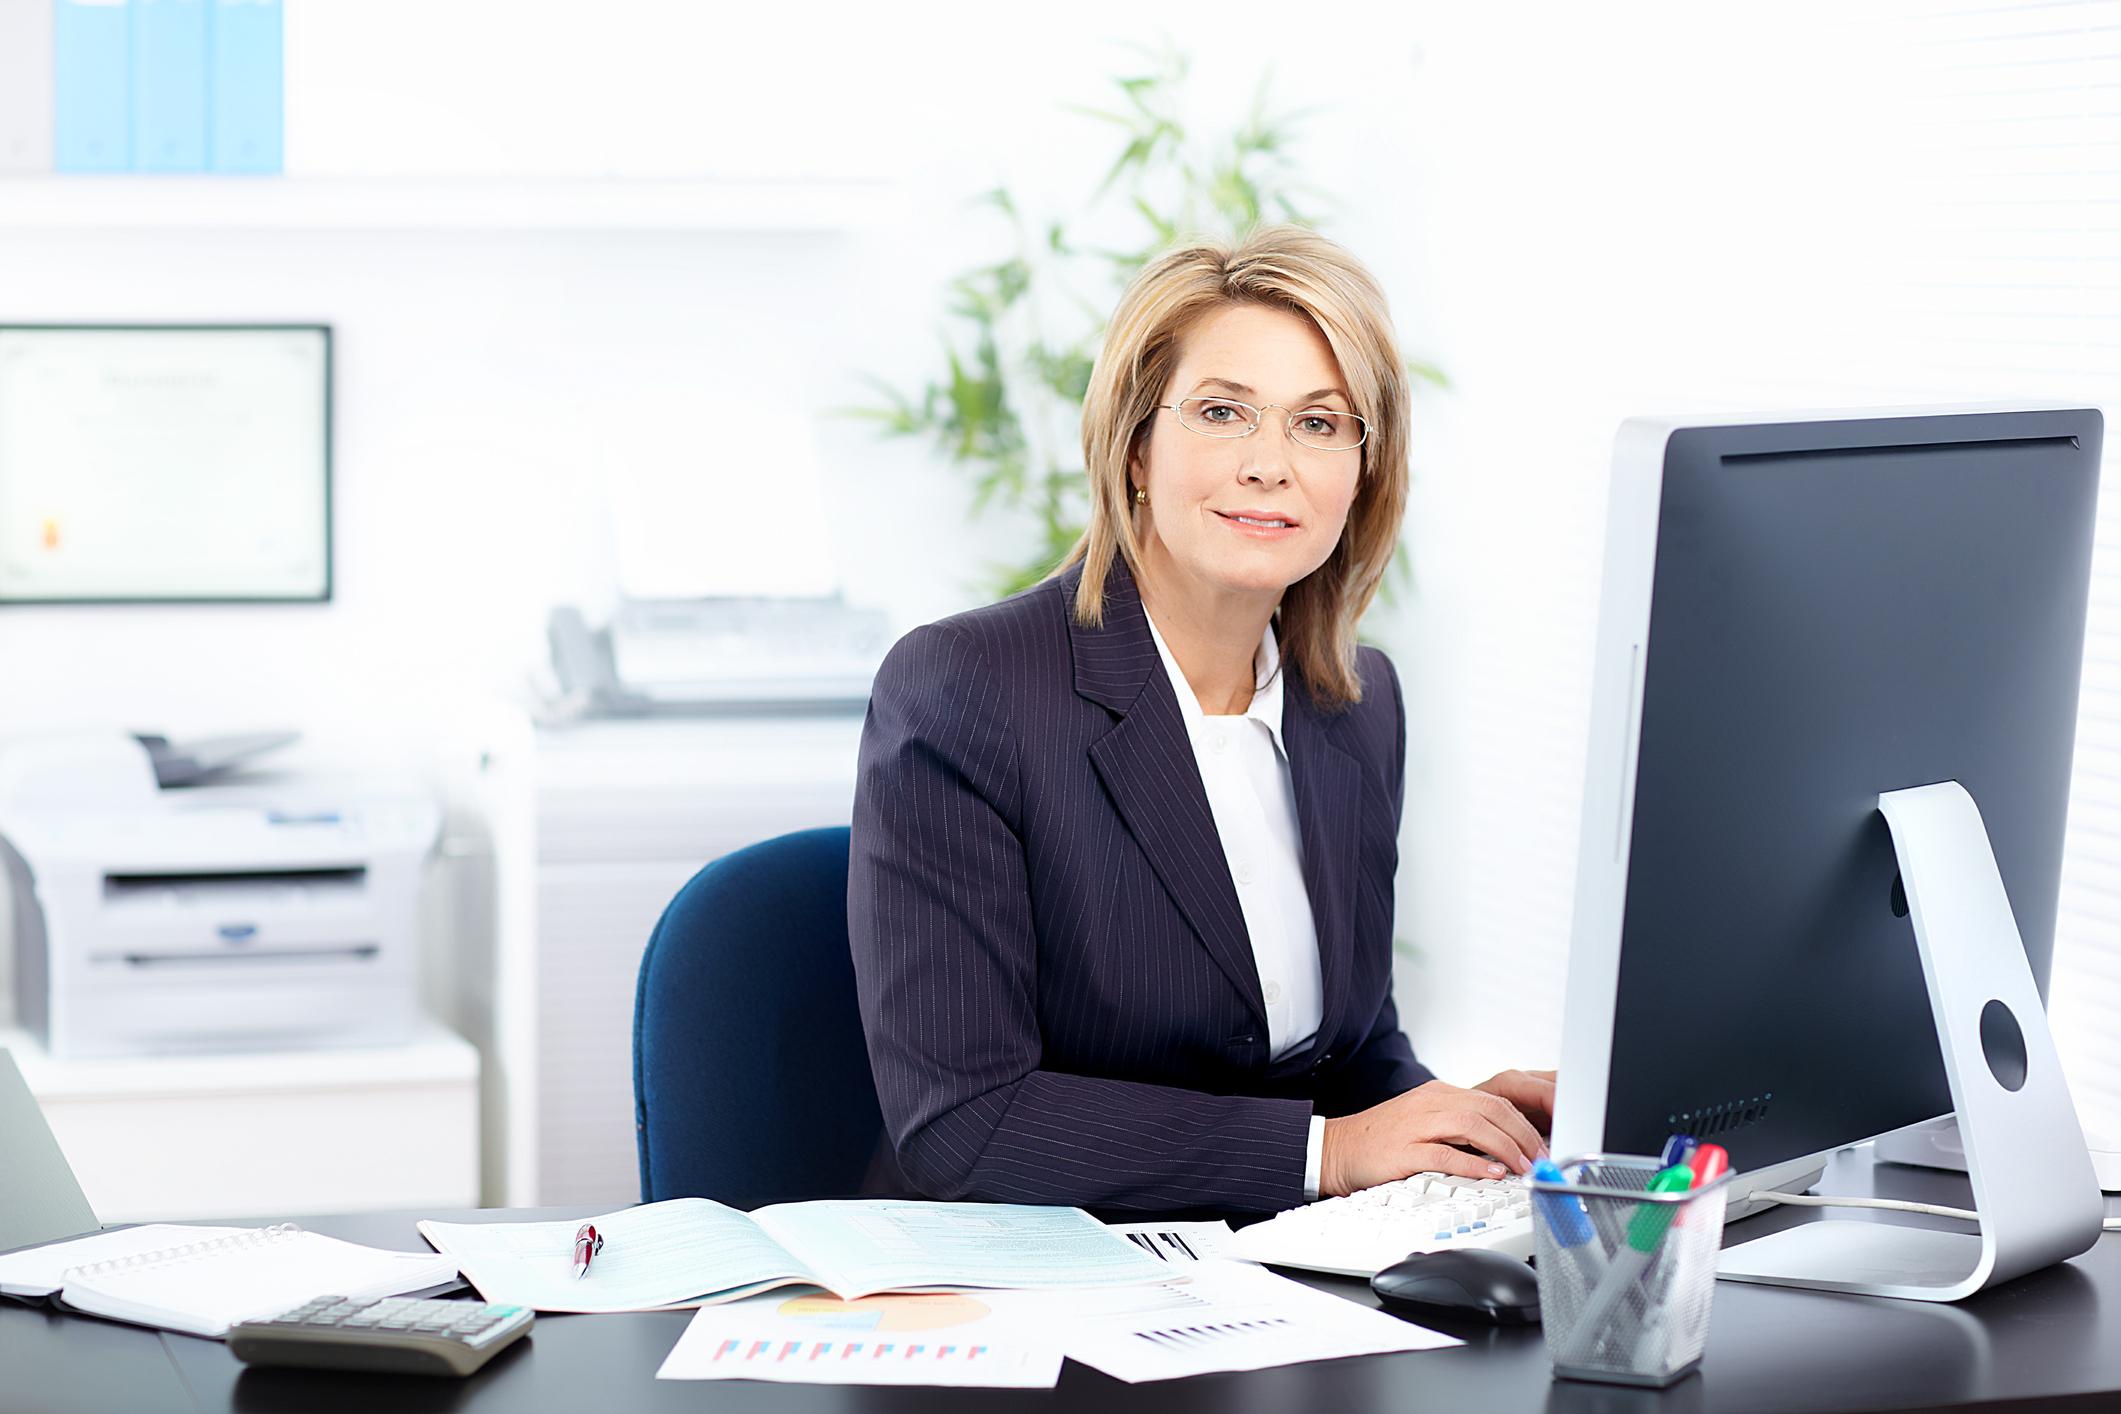 Работа в нижнем новгороде главным бухгалтером в бюджетной организации приказ о назначение главного бухгалтера ооо